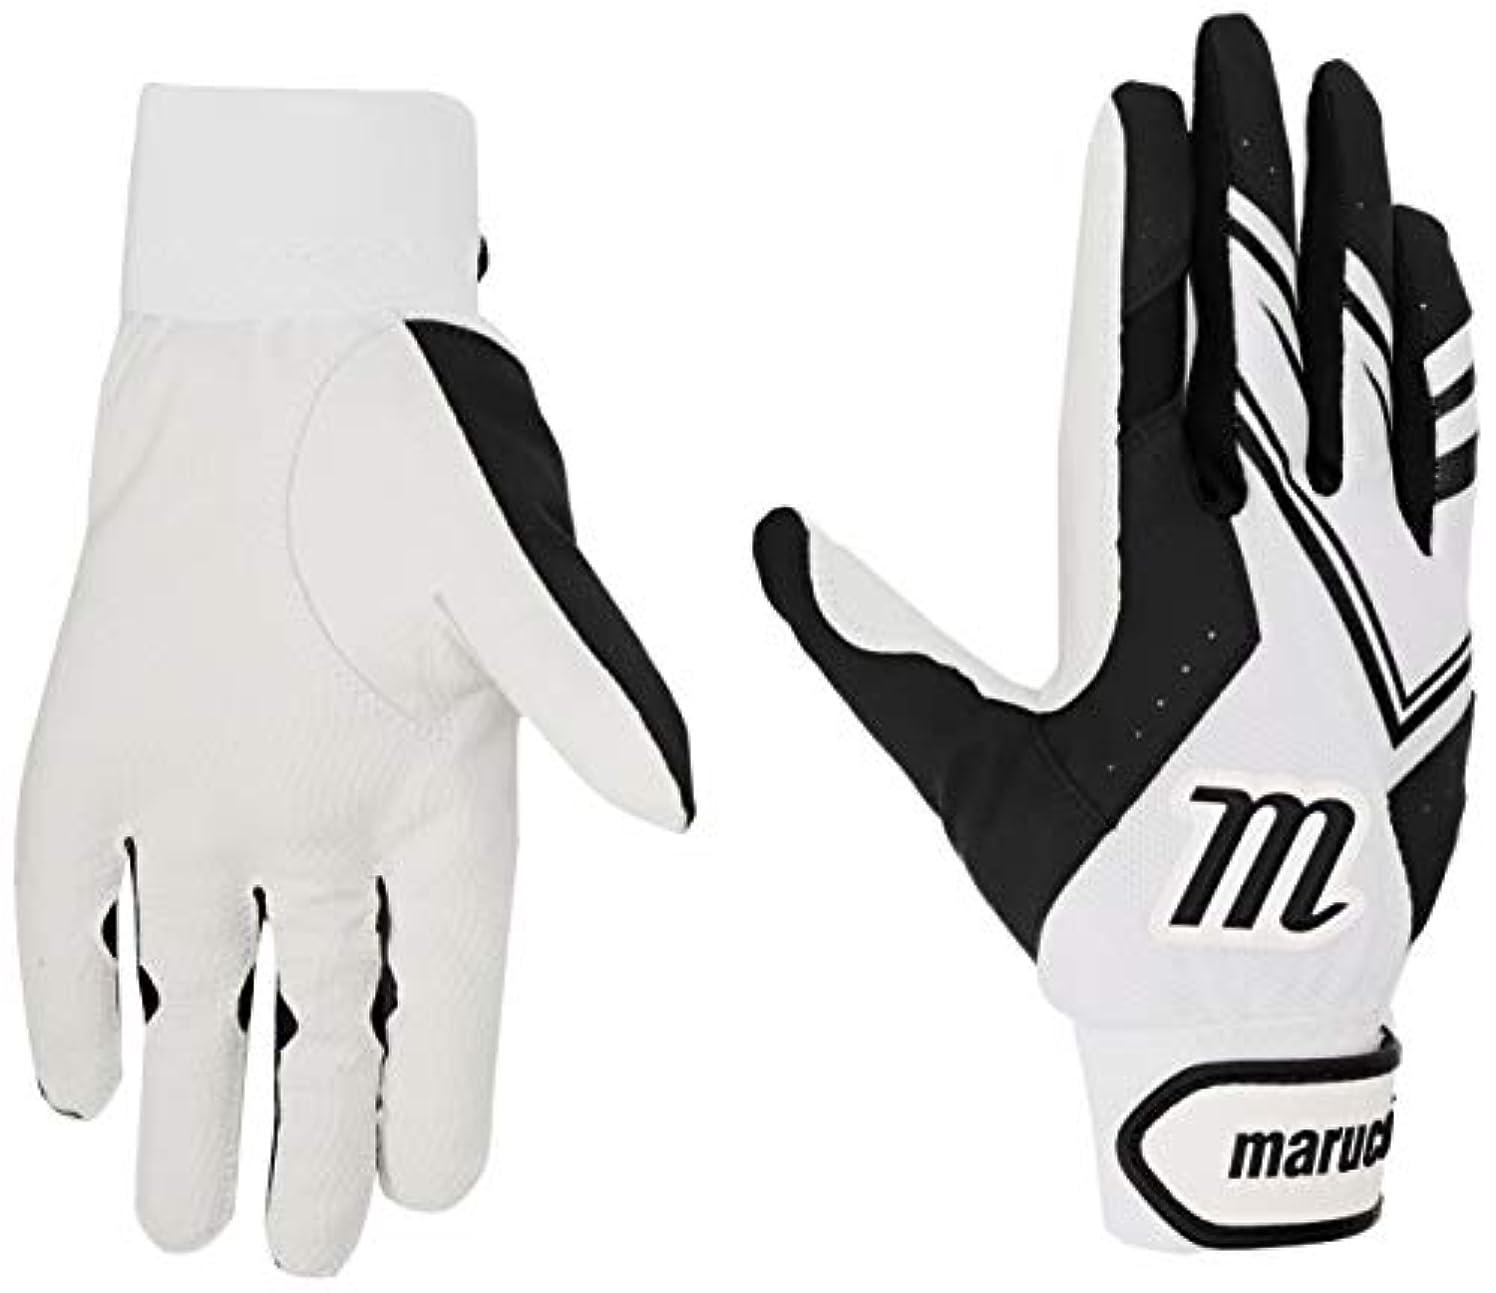 Marucci Youth F5 Batting Gloves